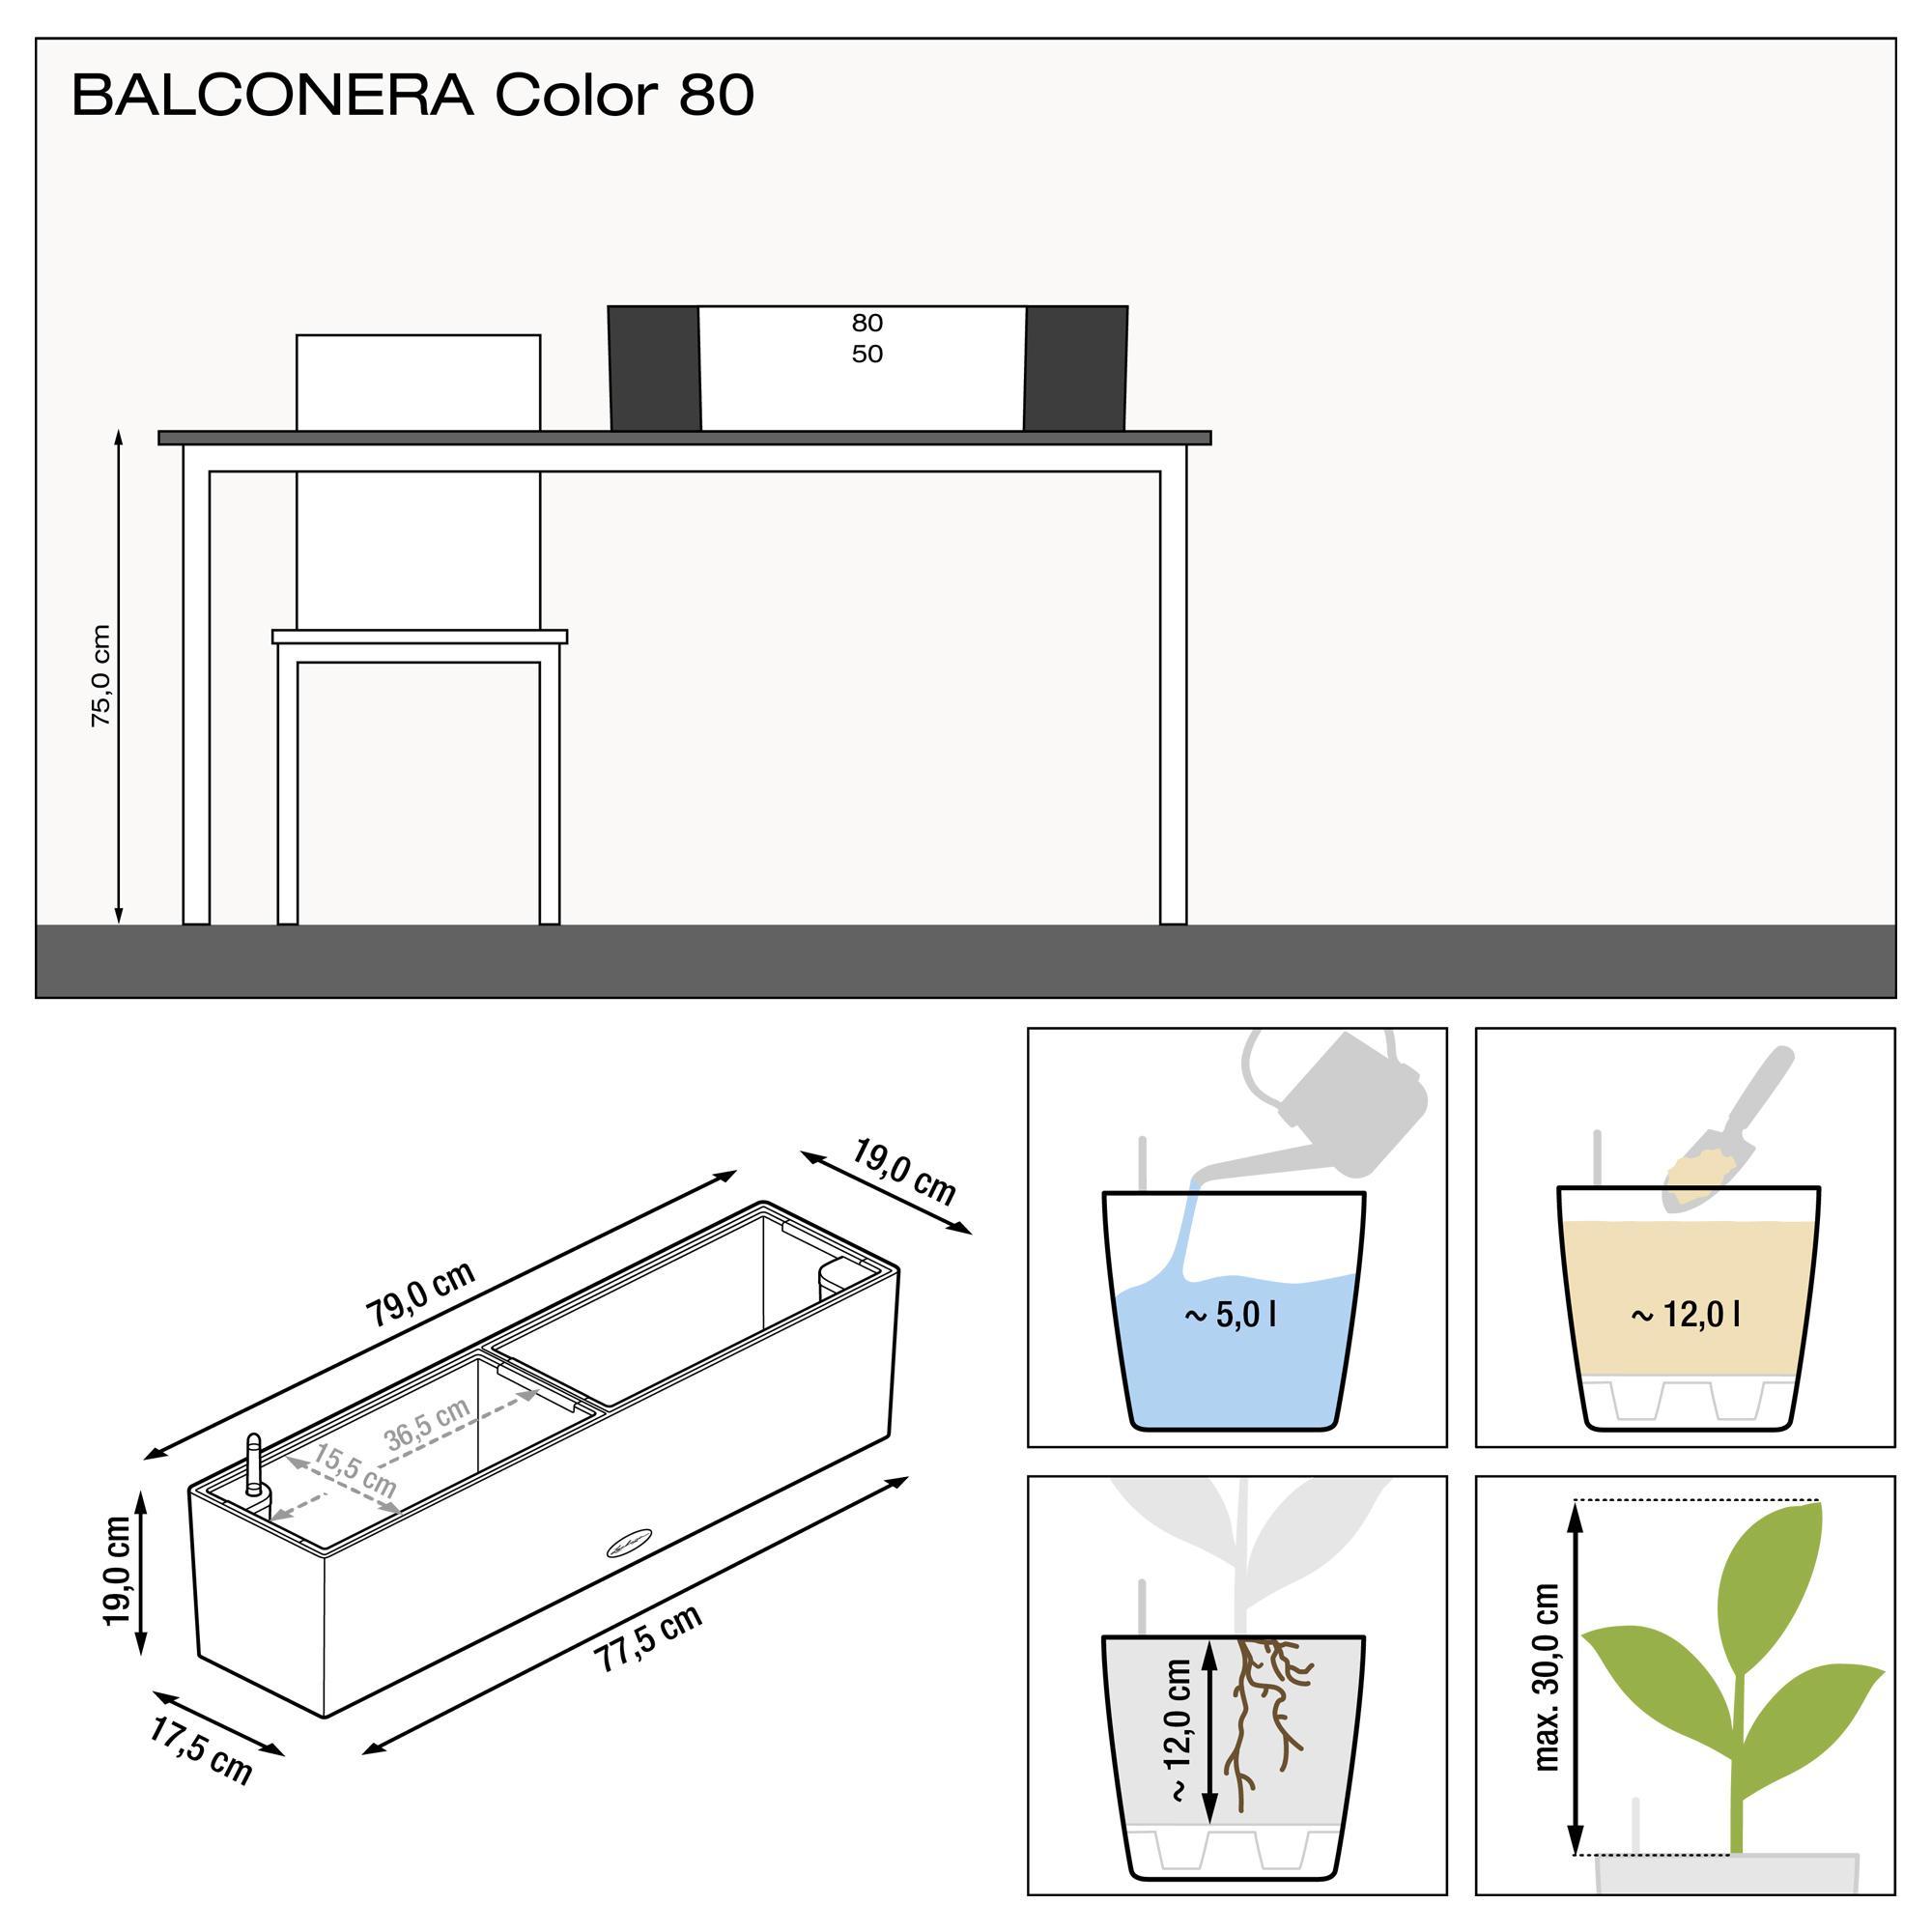 BALCONERA Color 80 gris ardoise - Image 3